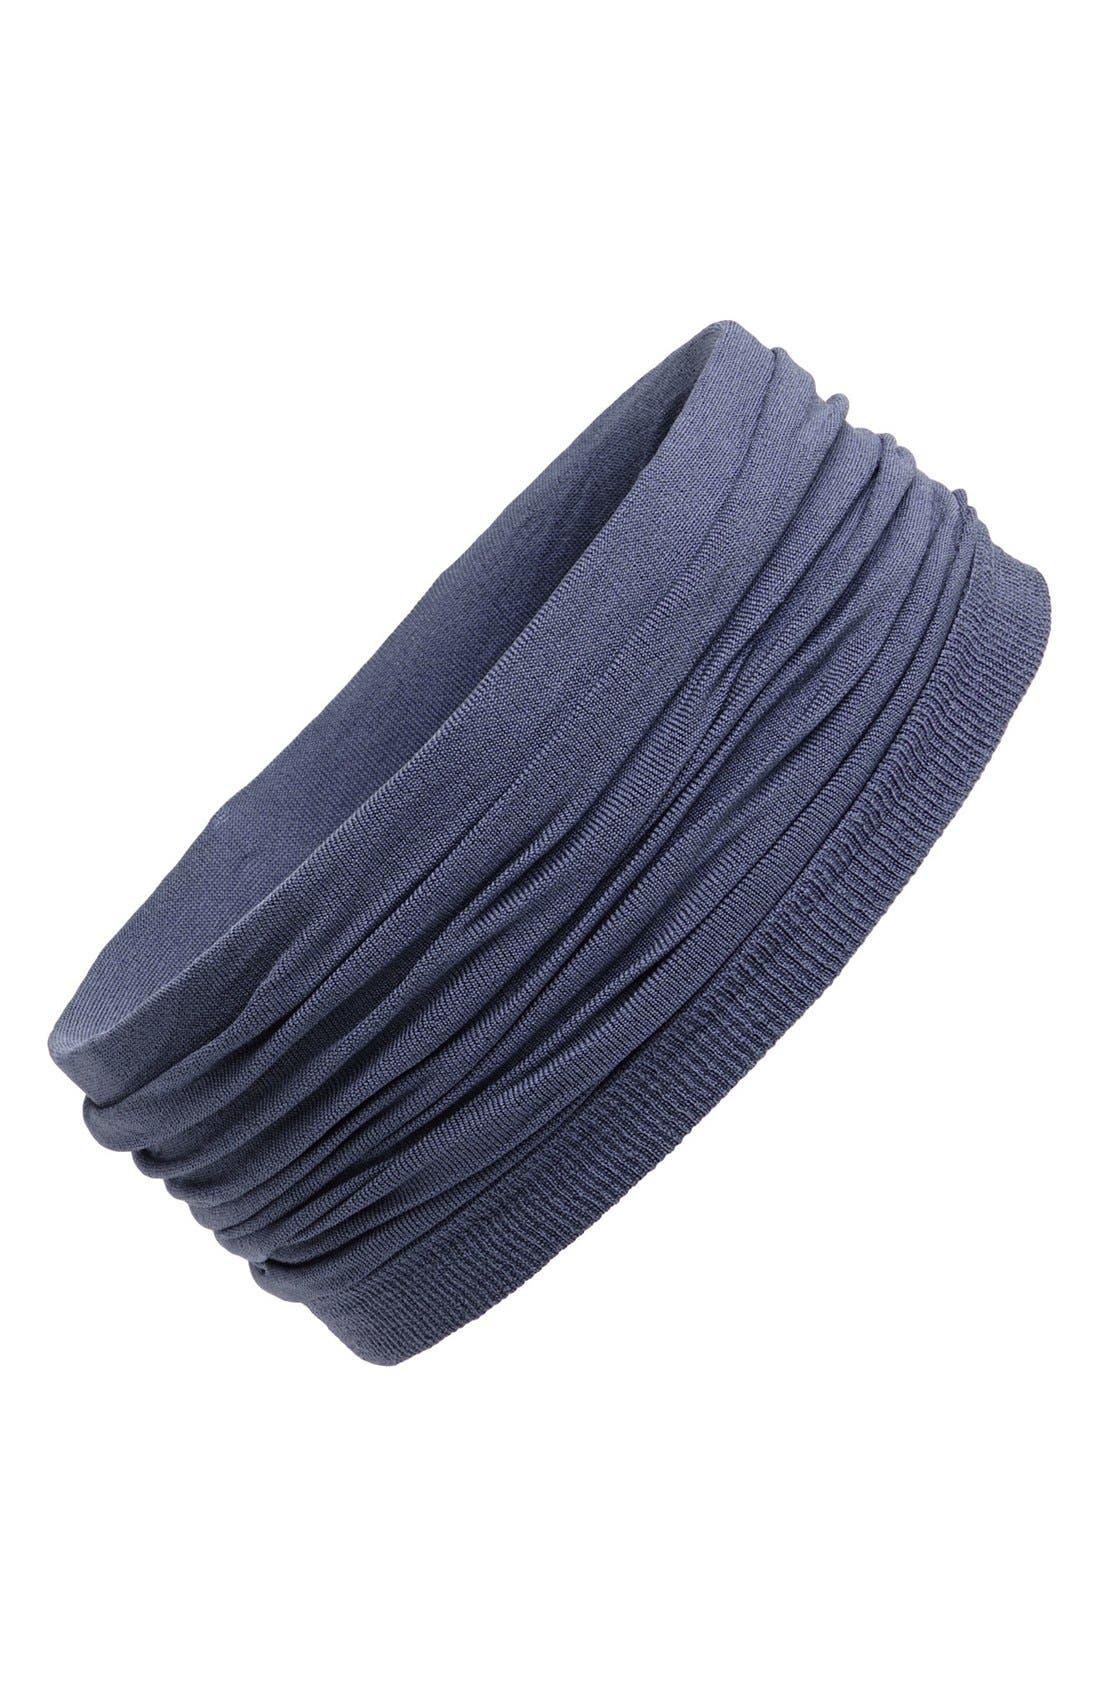 Relaxed Turban Headband,                             Main thumbnail 4, color,